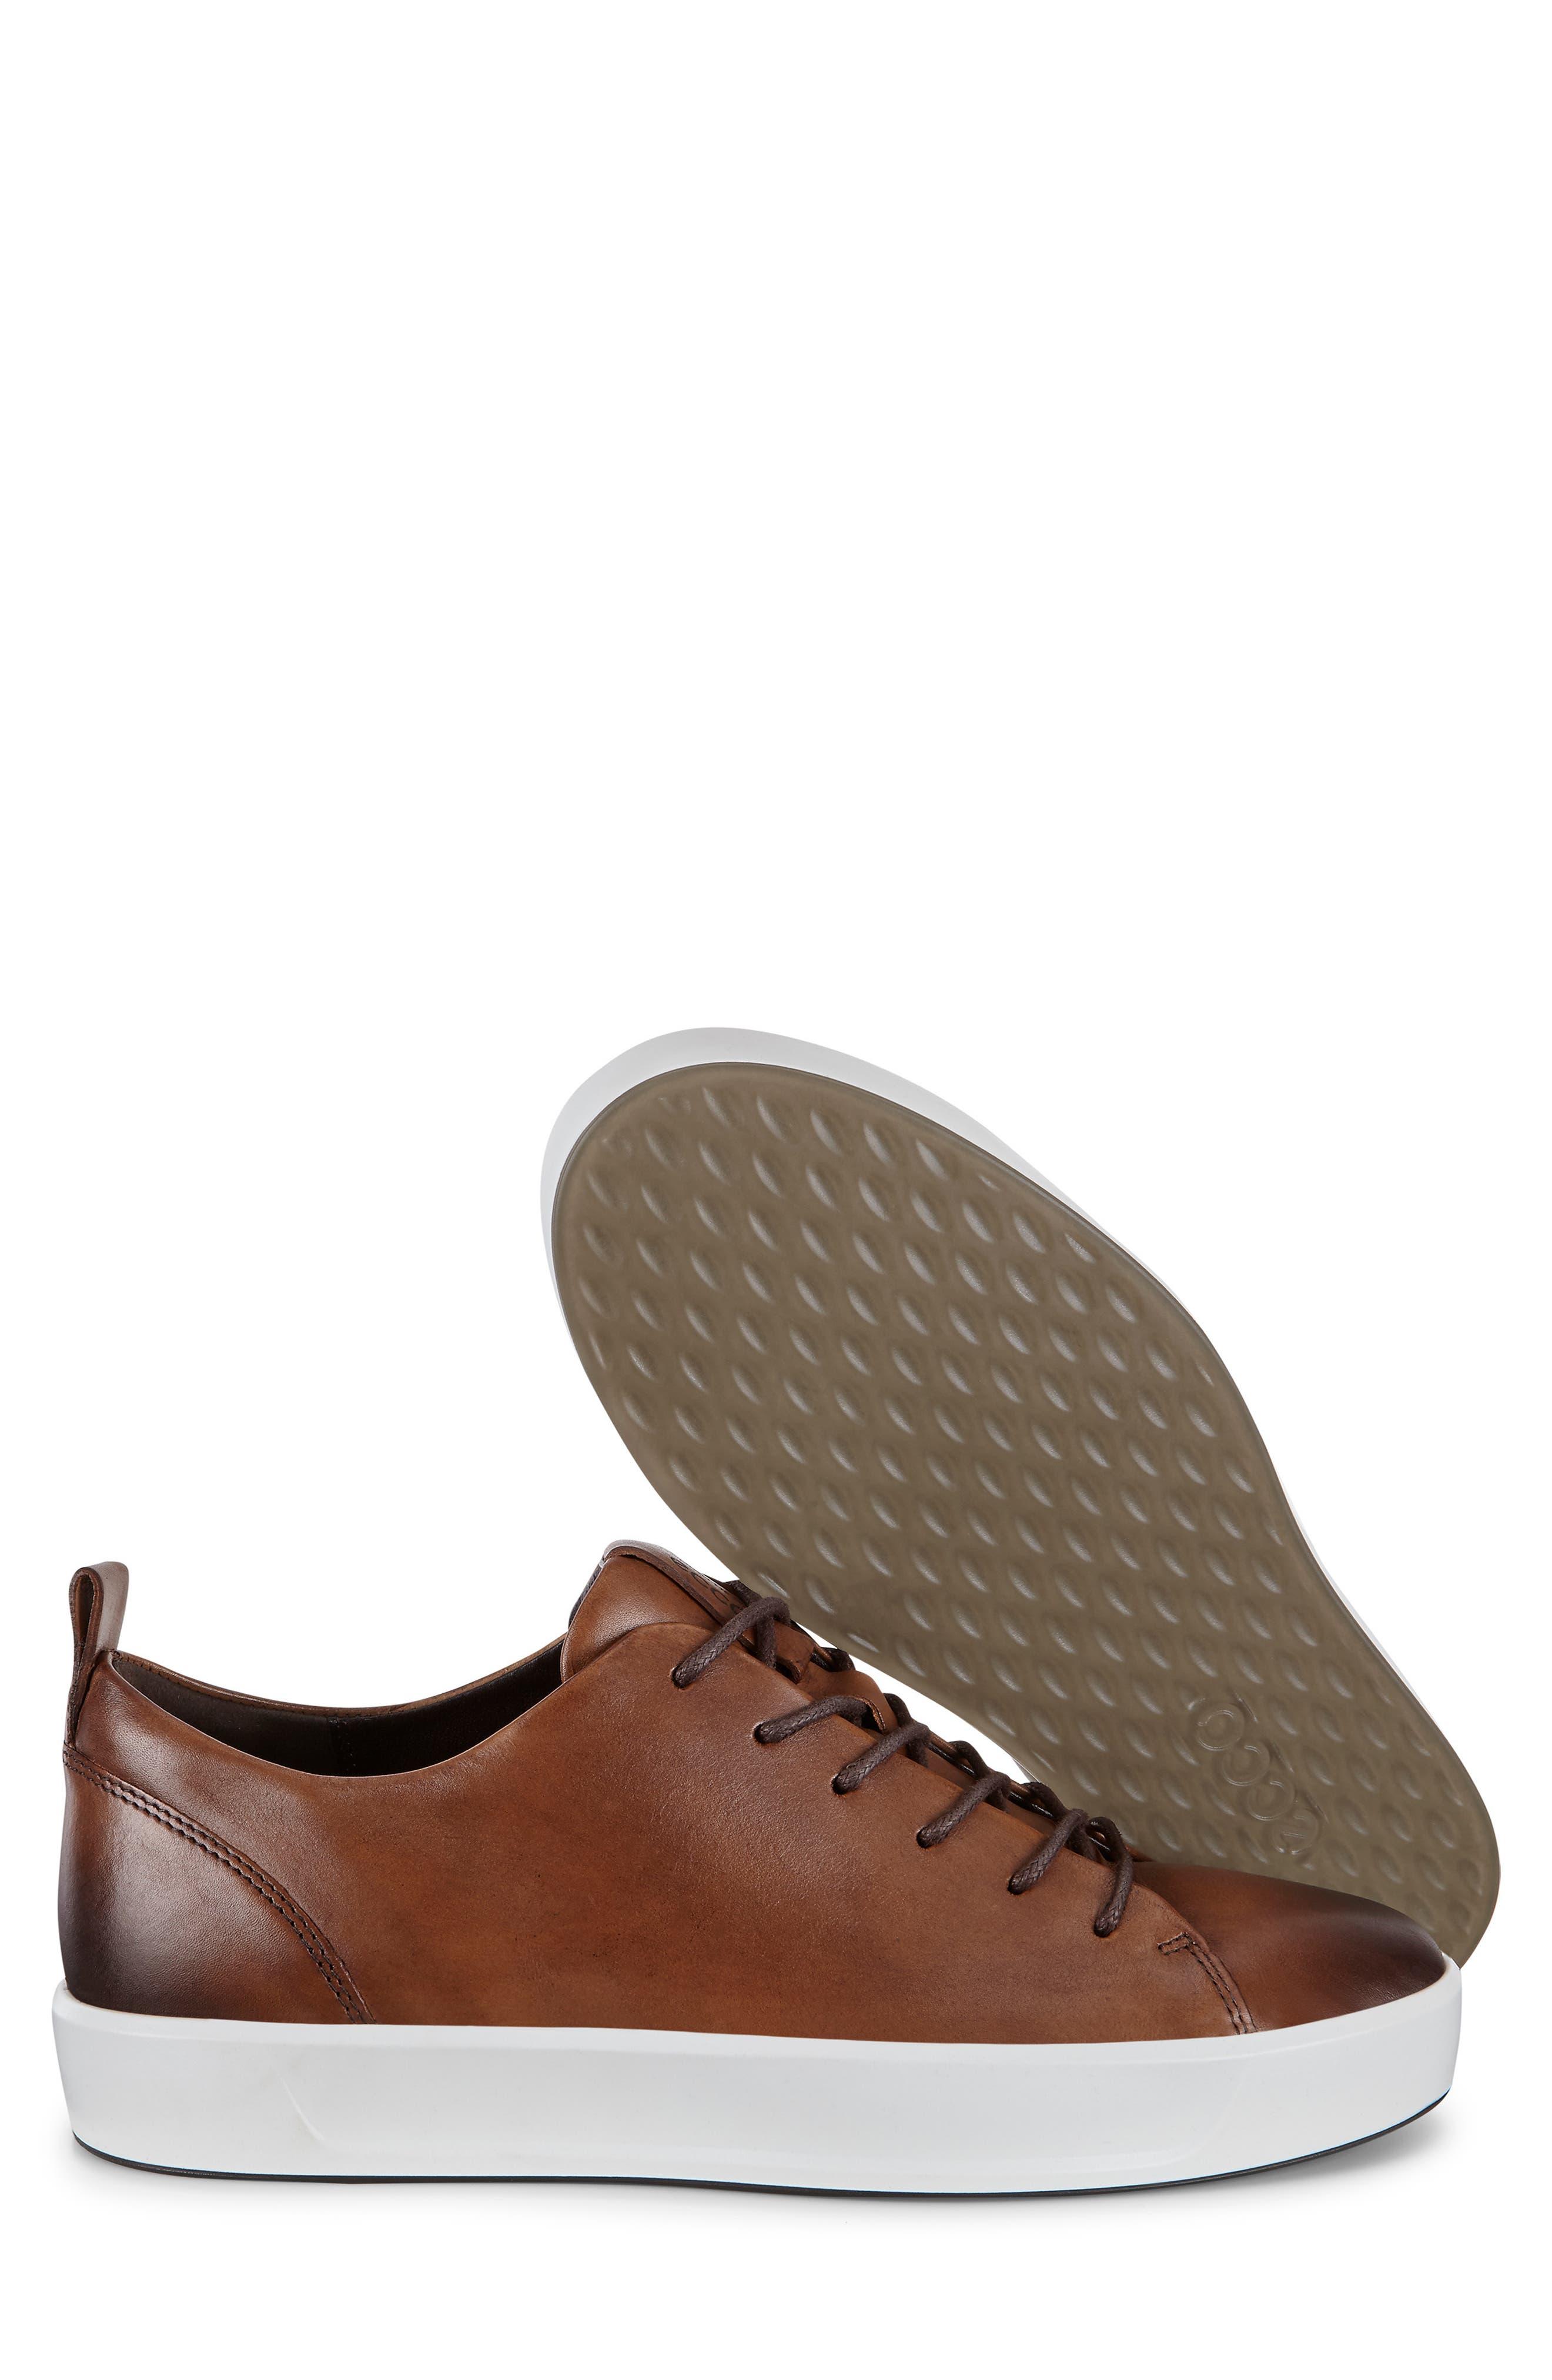 Soft 8 Street Sneaker,                             Alternate thumbnail 7, color,                             LION